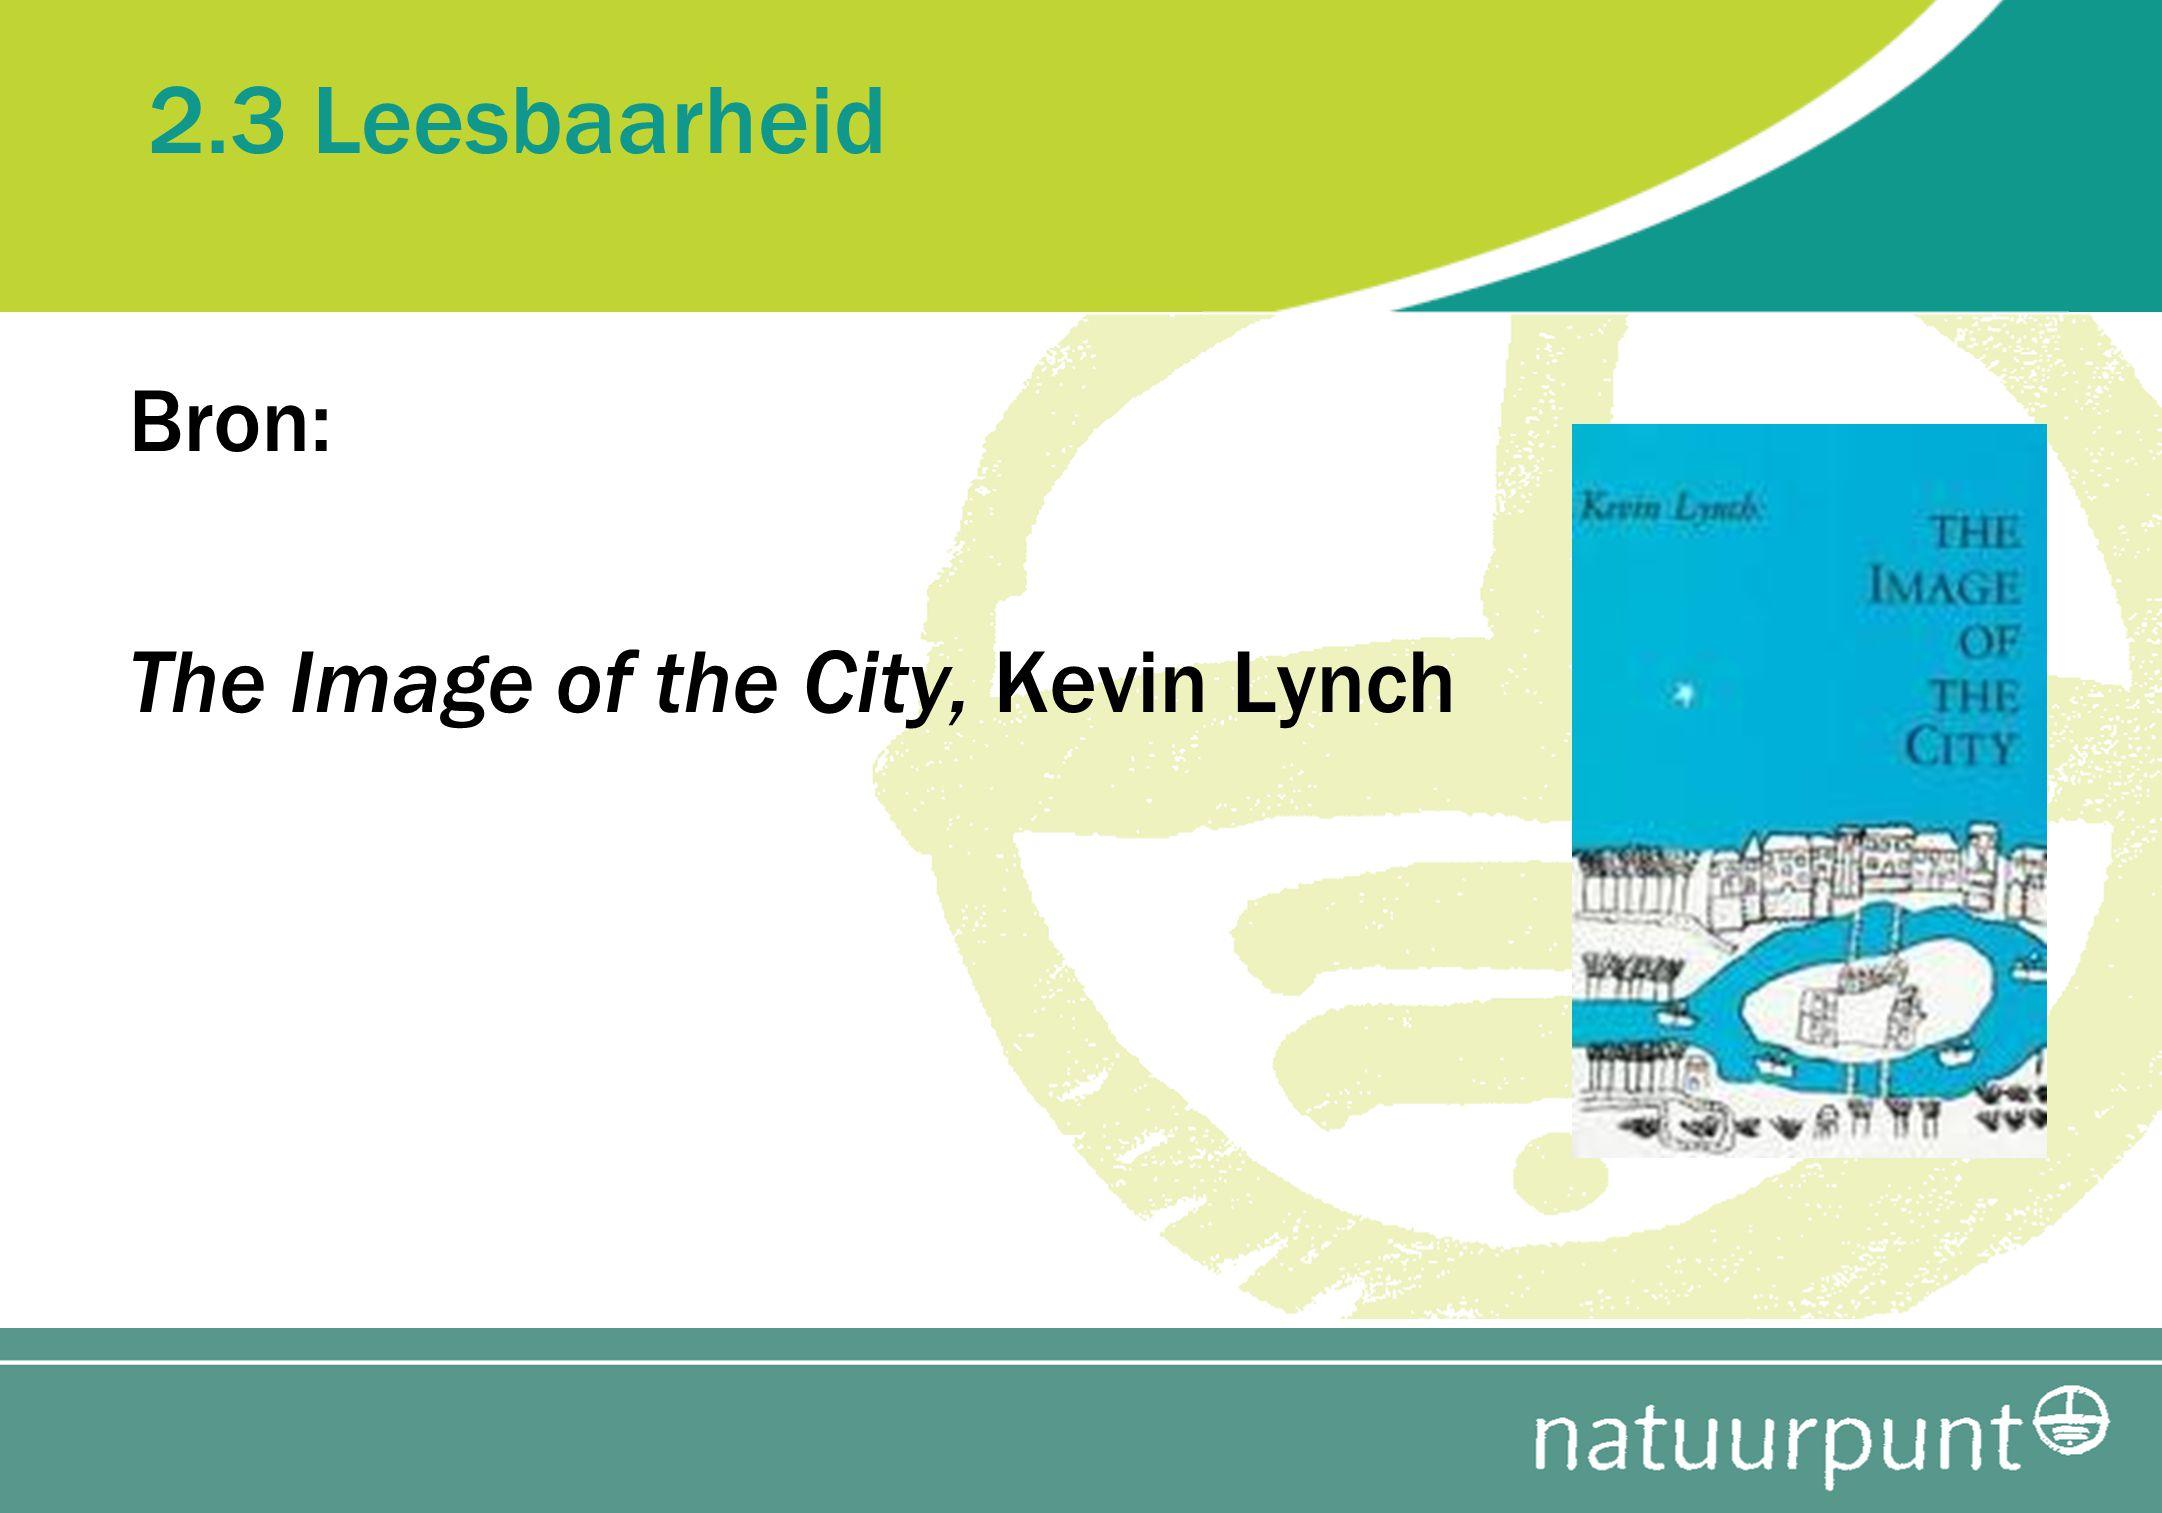 2.3 Leesbaarheid Bron: The Image of the City, Kevin Lynch